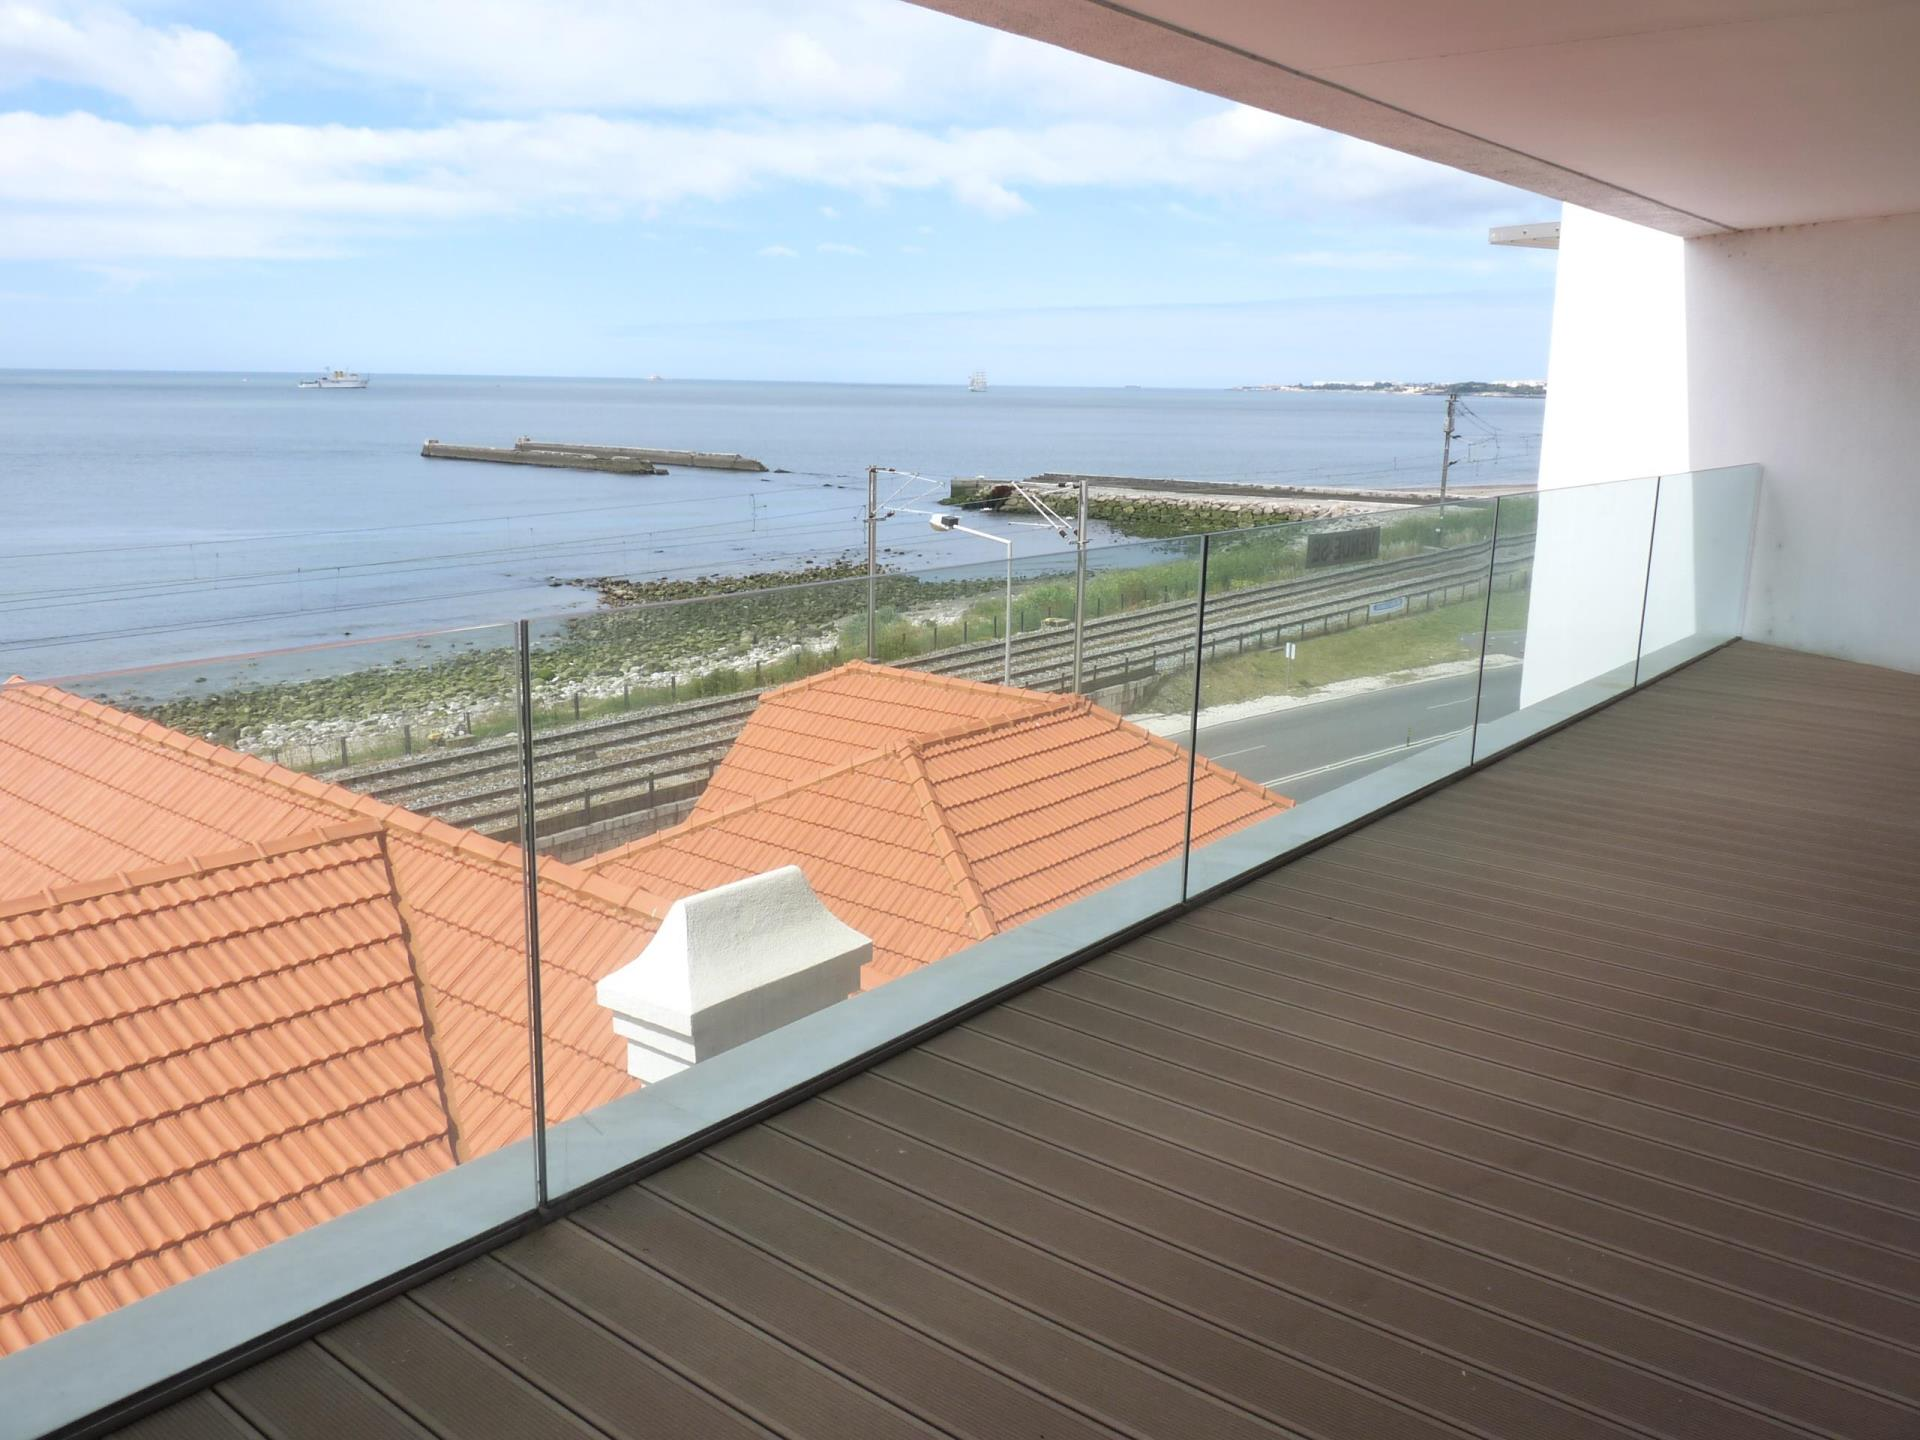 Appartement pour l Vente à Flat, 4 bedrooms, for Sale Oeiras, Lisbonne Portugal